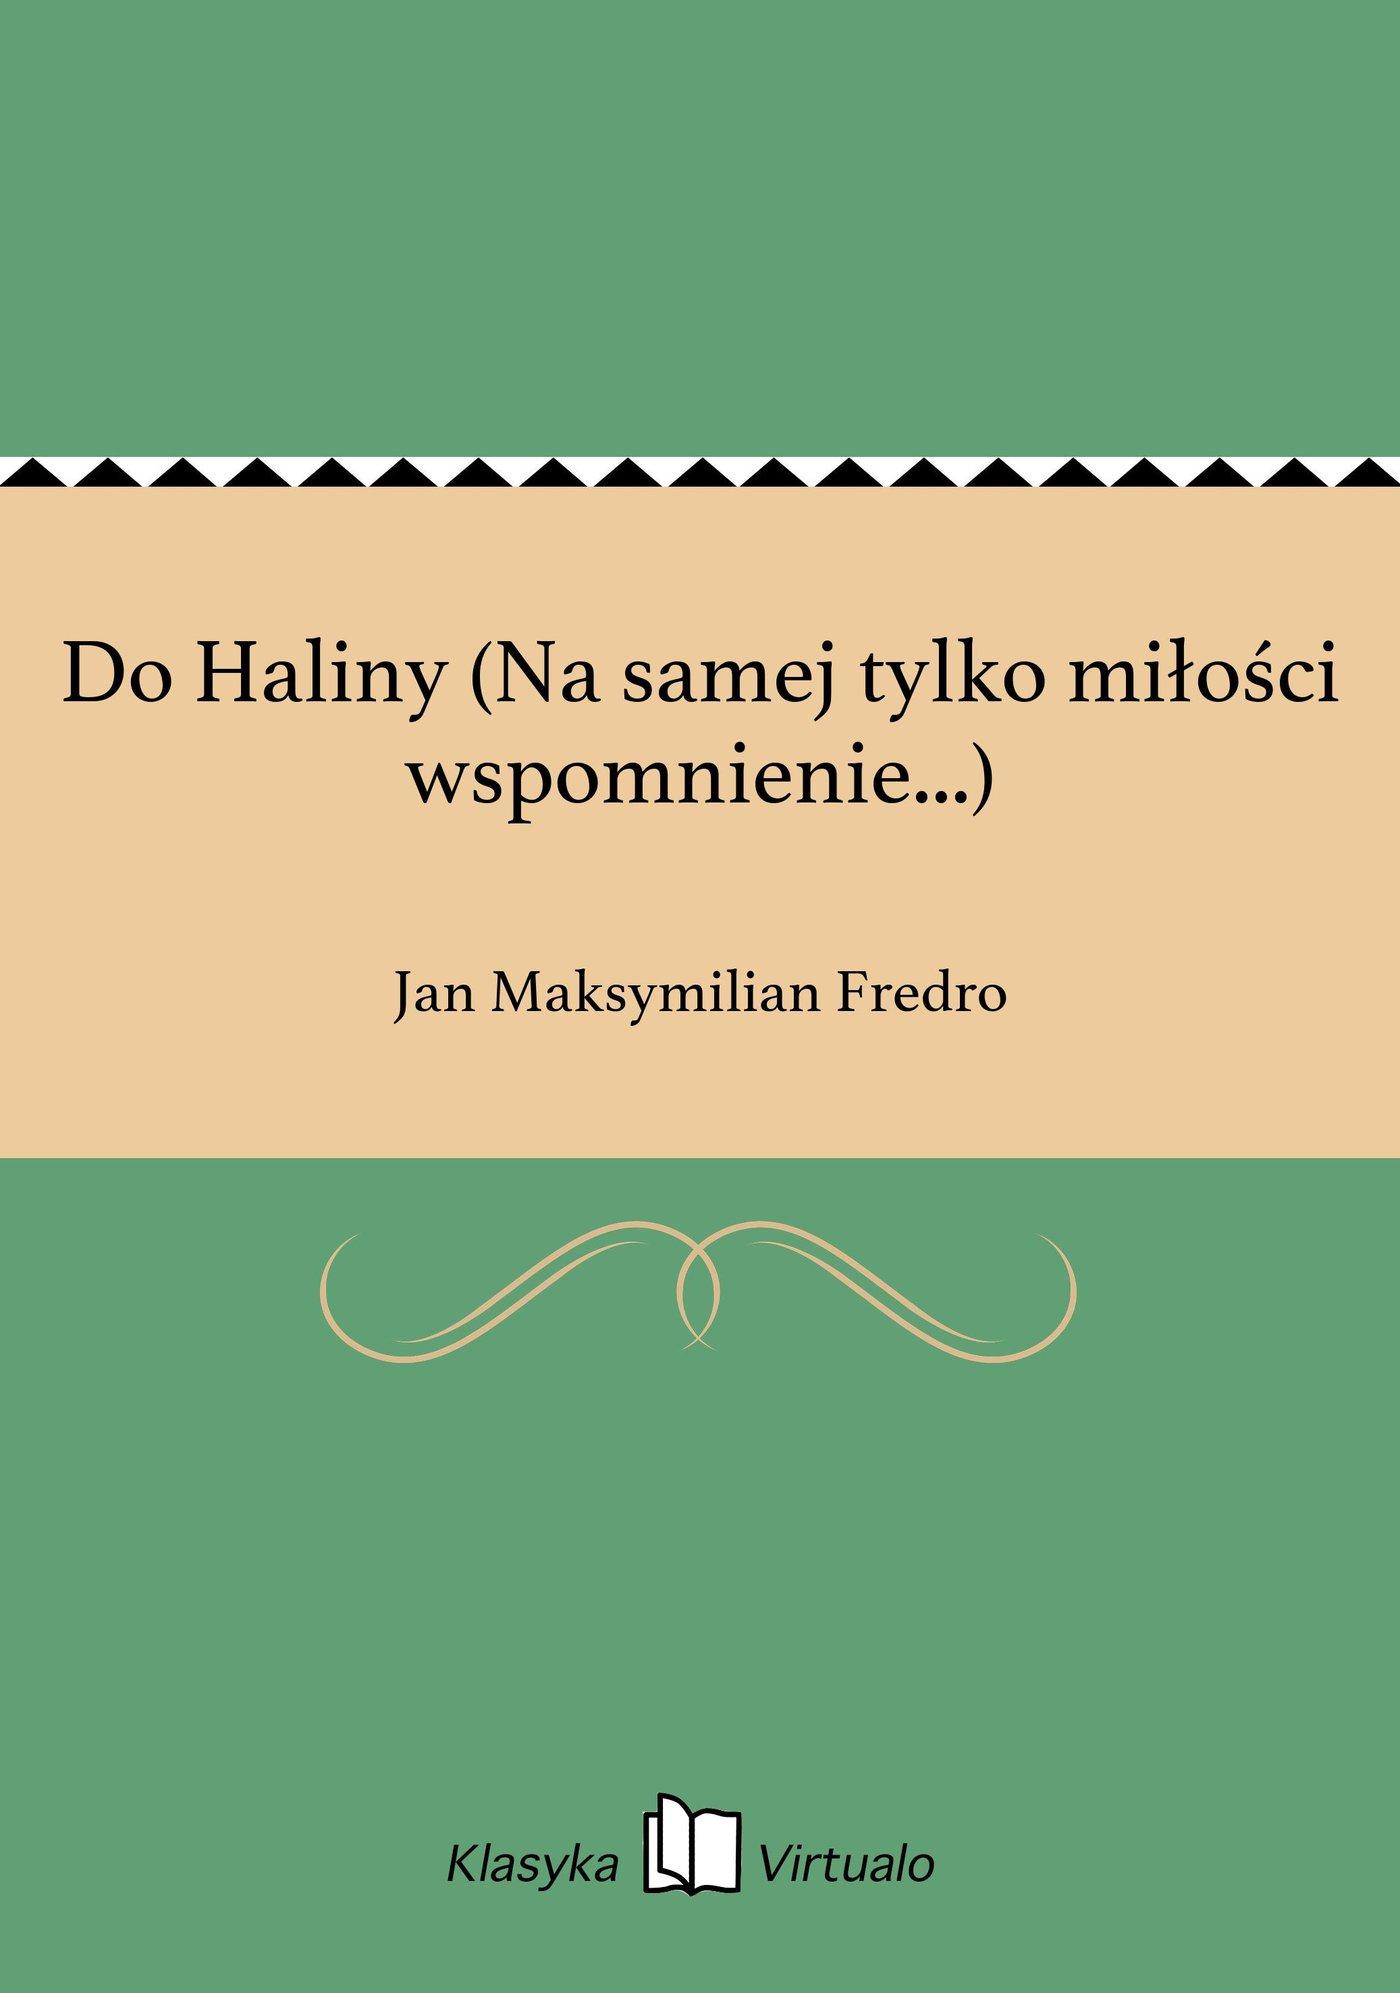 Do Haliny (Na samej tylko miłości wspomnienie...) - Ebook (Książka EPUB) do pobrania w formacie EPUB